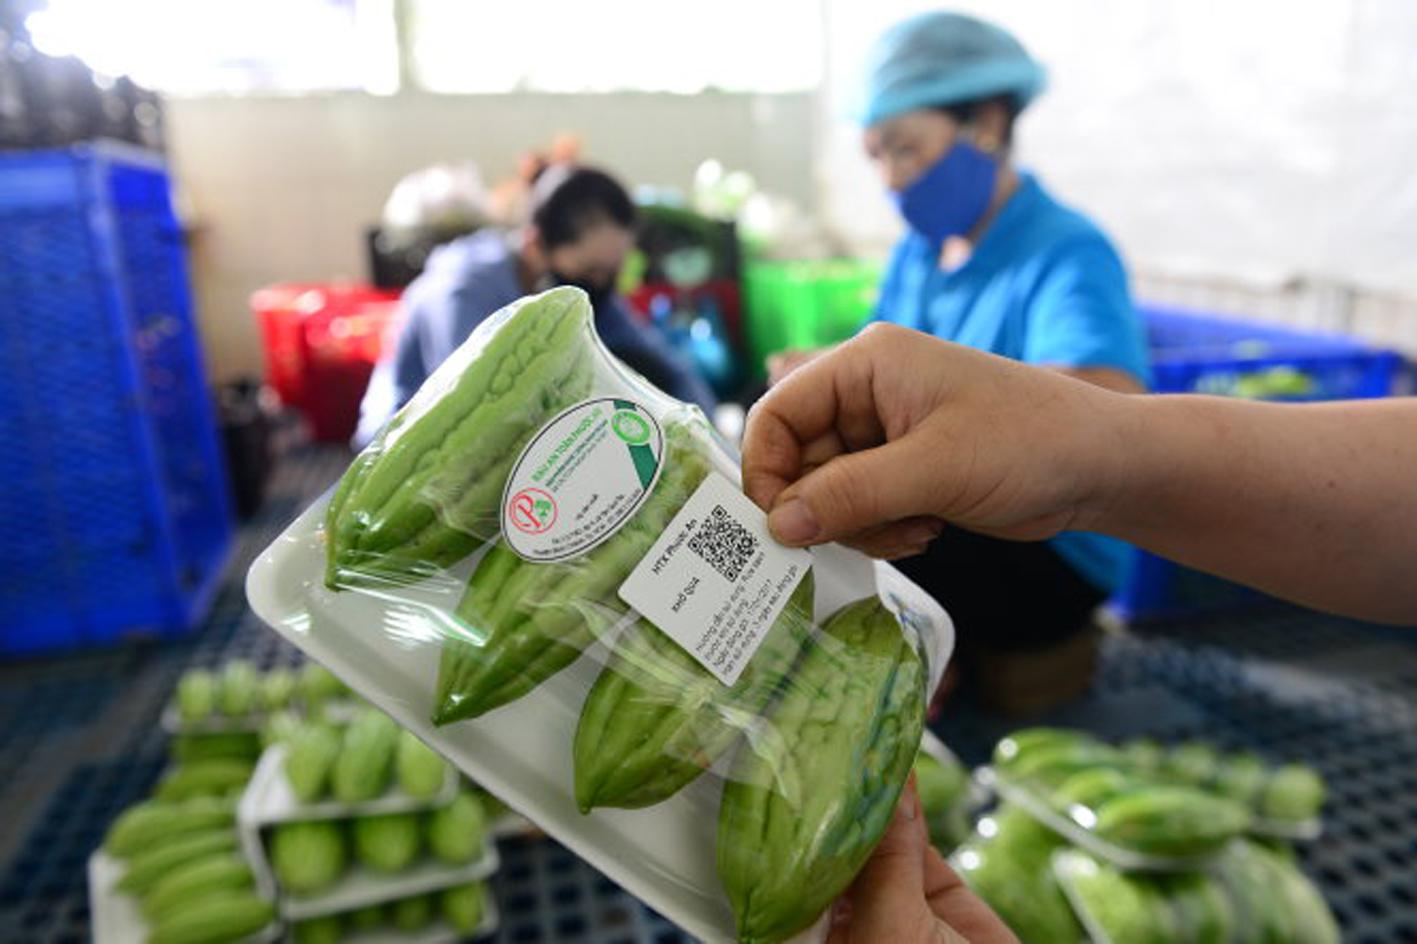 Nhiều địa phương vẫn chưa cập nhật thông tin để làm truy xuất nguồn gốc về vùng trồng, cơ sở đóng gói…p/Ảnh: Dán tem truy xuất nguồn gốc tại HTX Phước An, TP HCM.